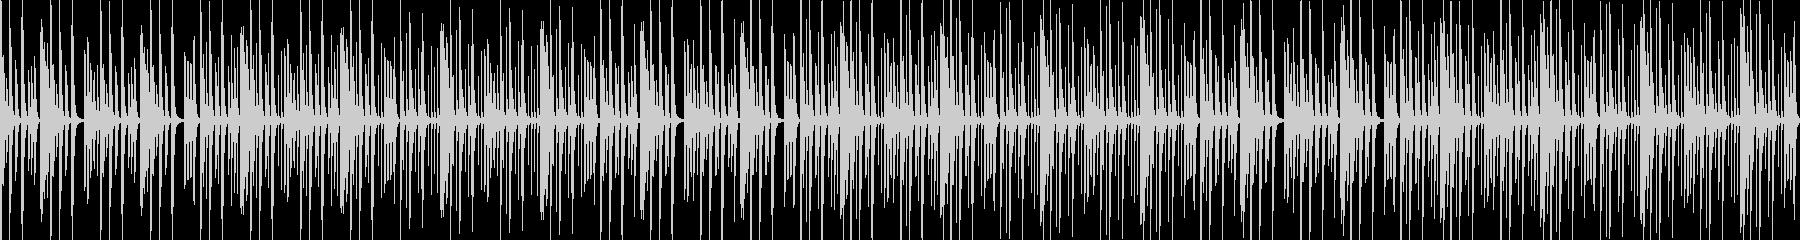 【ループ版】YouTube ピアノの未再生の波形